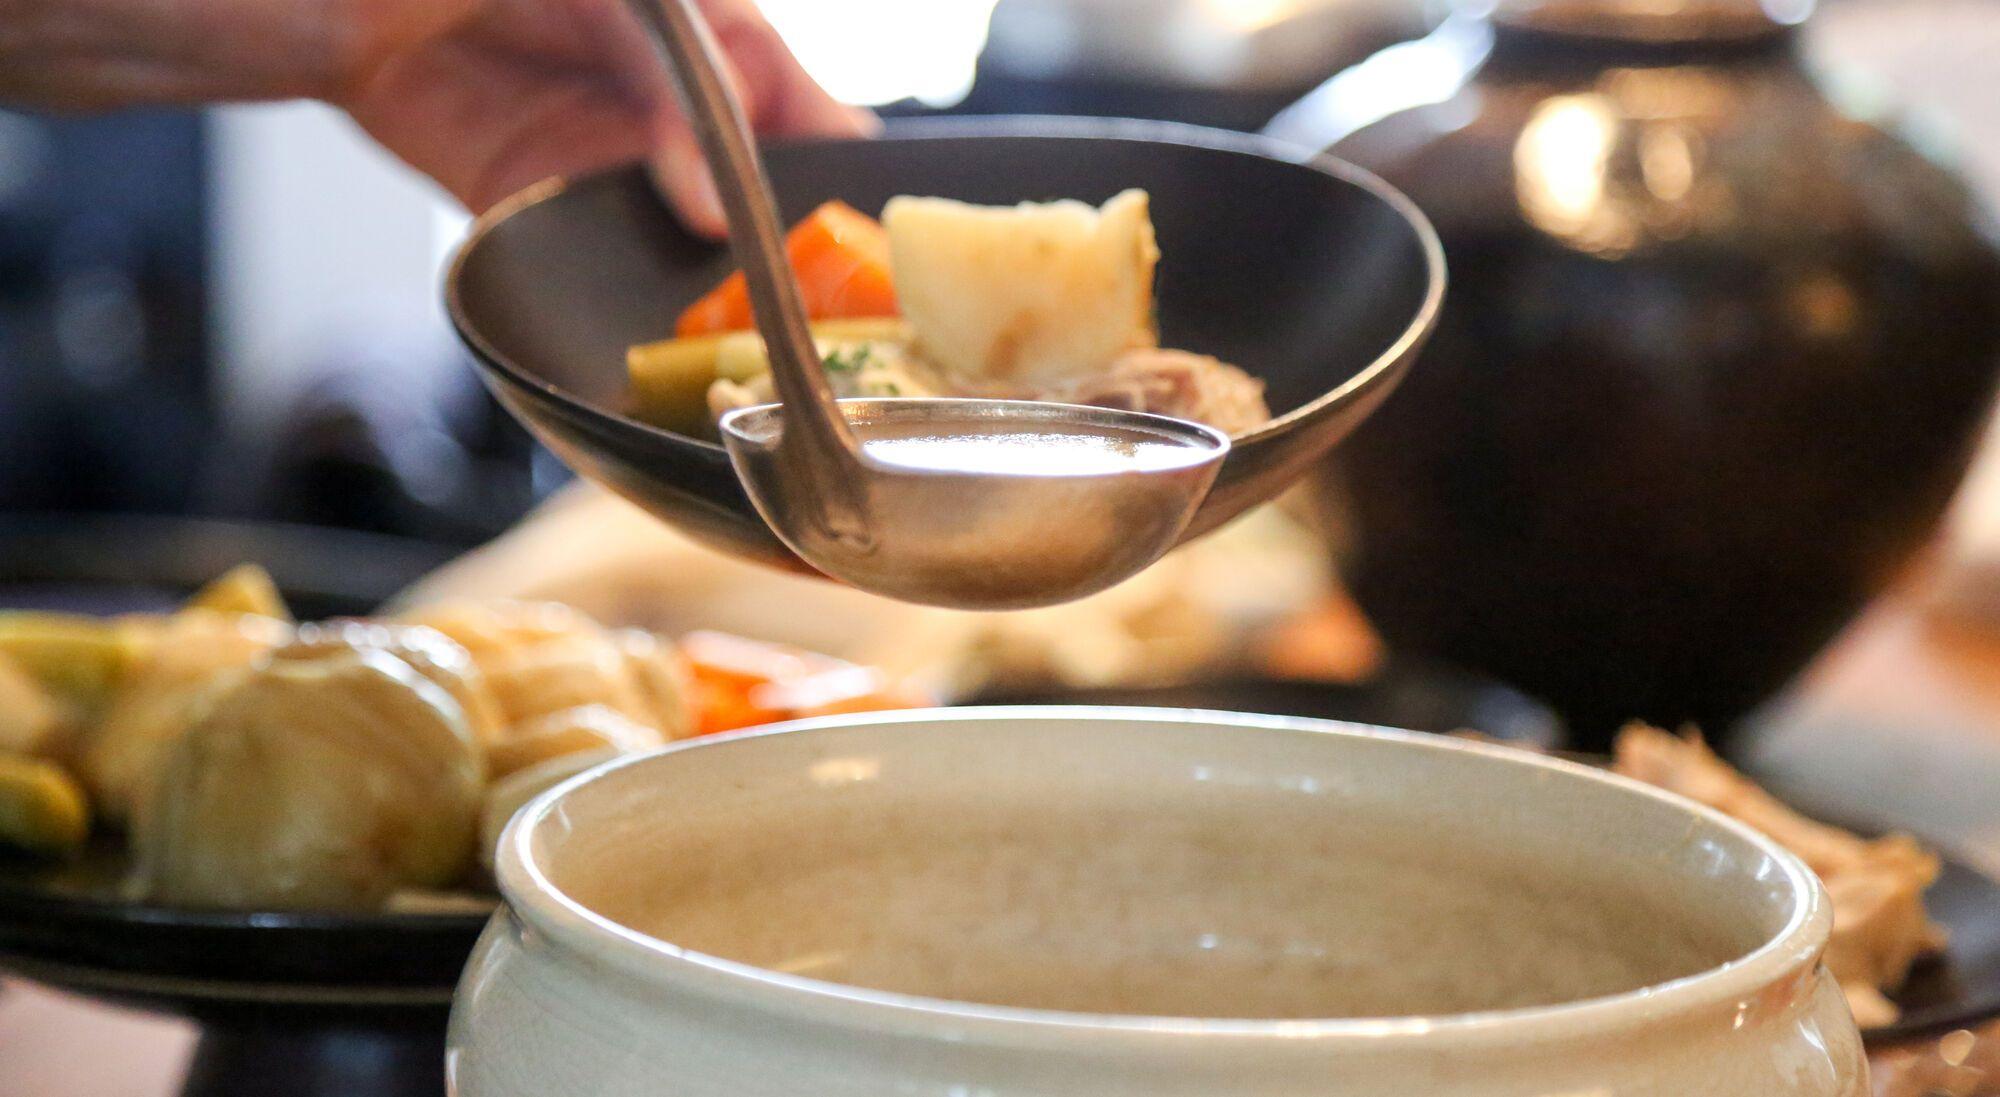 מתכון לפסח: מרק עוף עם קניידלך של רותי ברודו